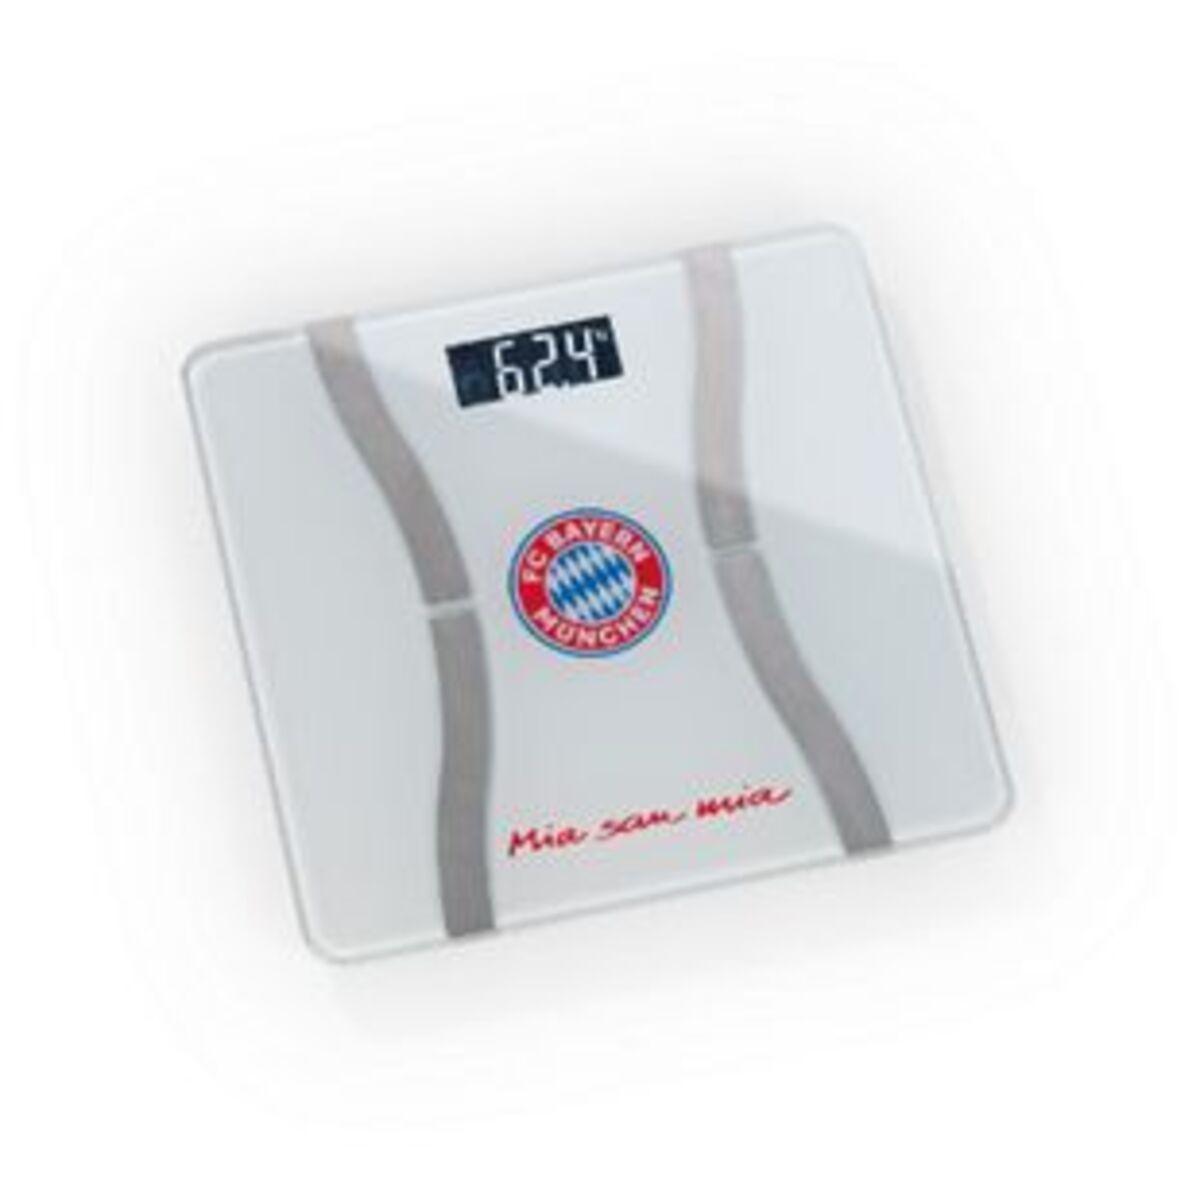 Bild 2 von FCB Personen-Waage Körperanalyse Mia san Mia 3V weiß/silber mit Bluetooth & Logo